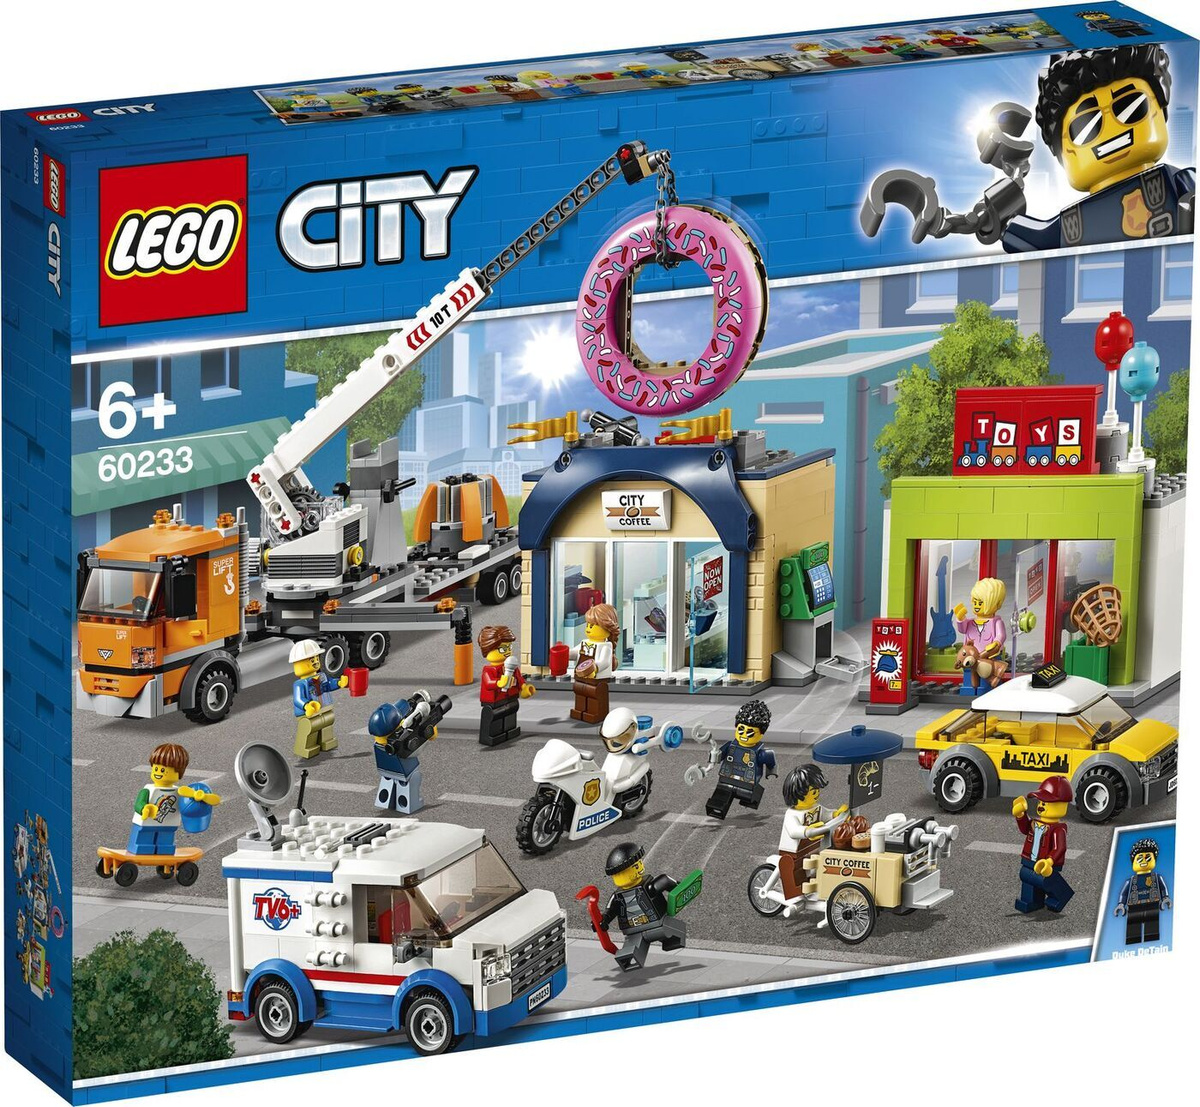 Конструктор LEGO City Town 60233 Открытие магазина по продаже пончиков  #1